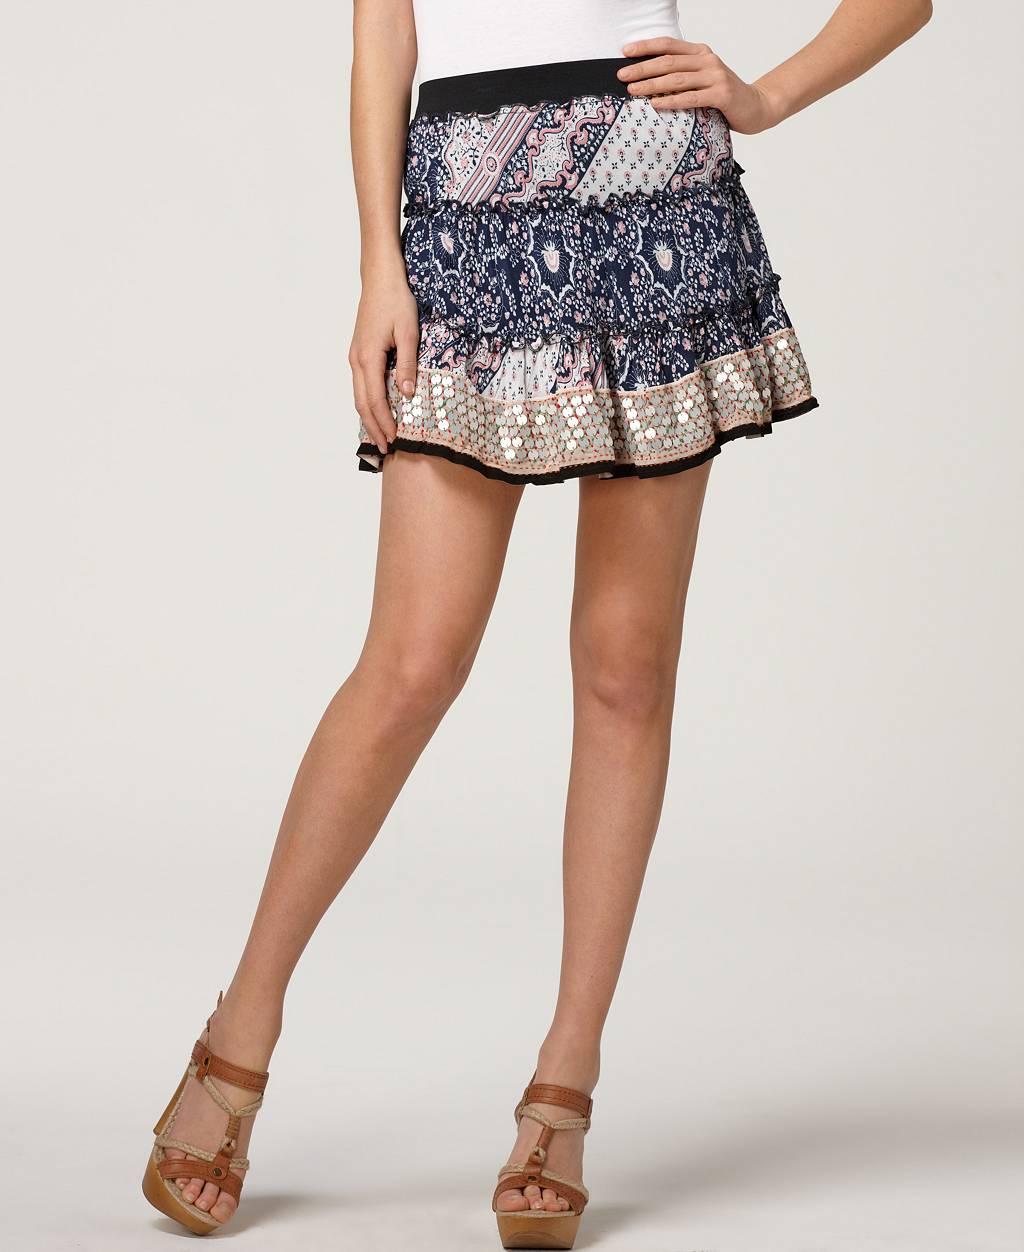 Фото красивых девушек с короткими юбками 9 фотография